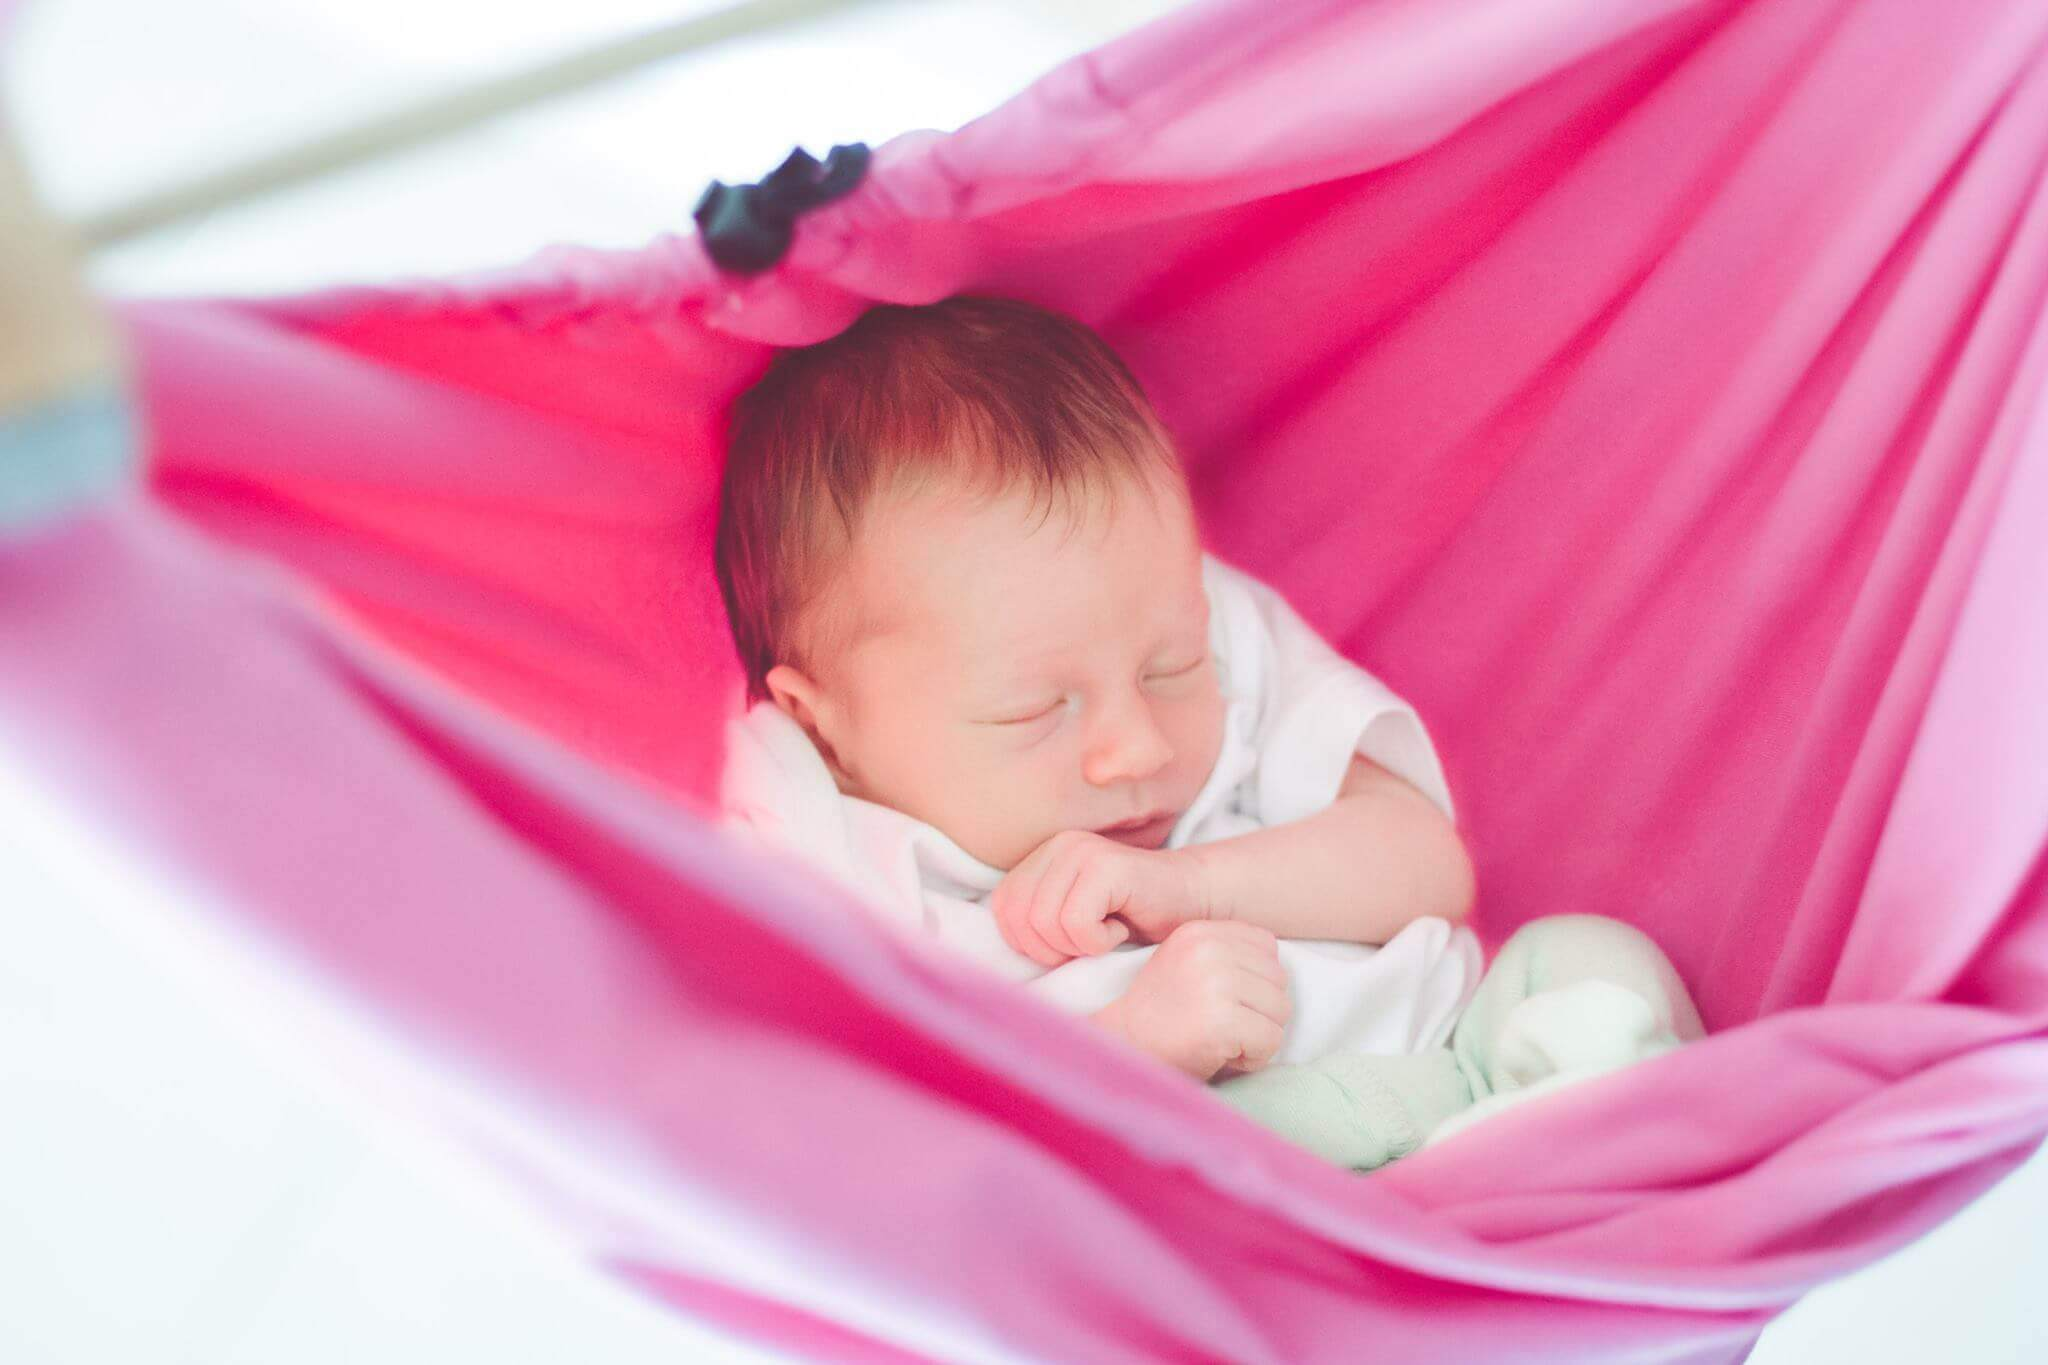 שינה של תינוקות - למה ערסל עוזר כל כך